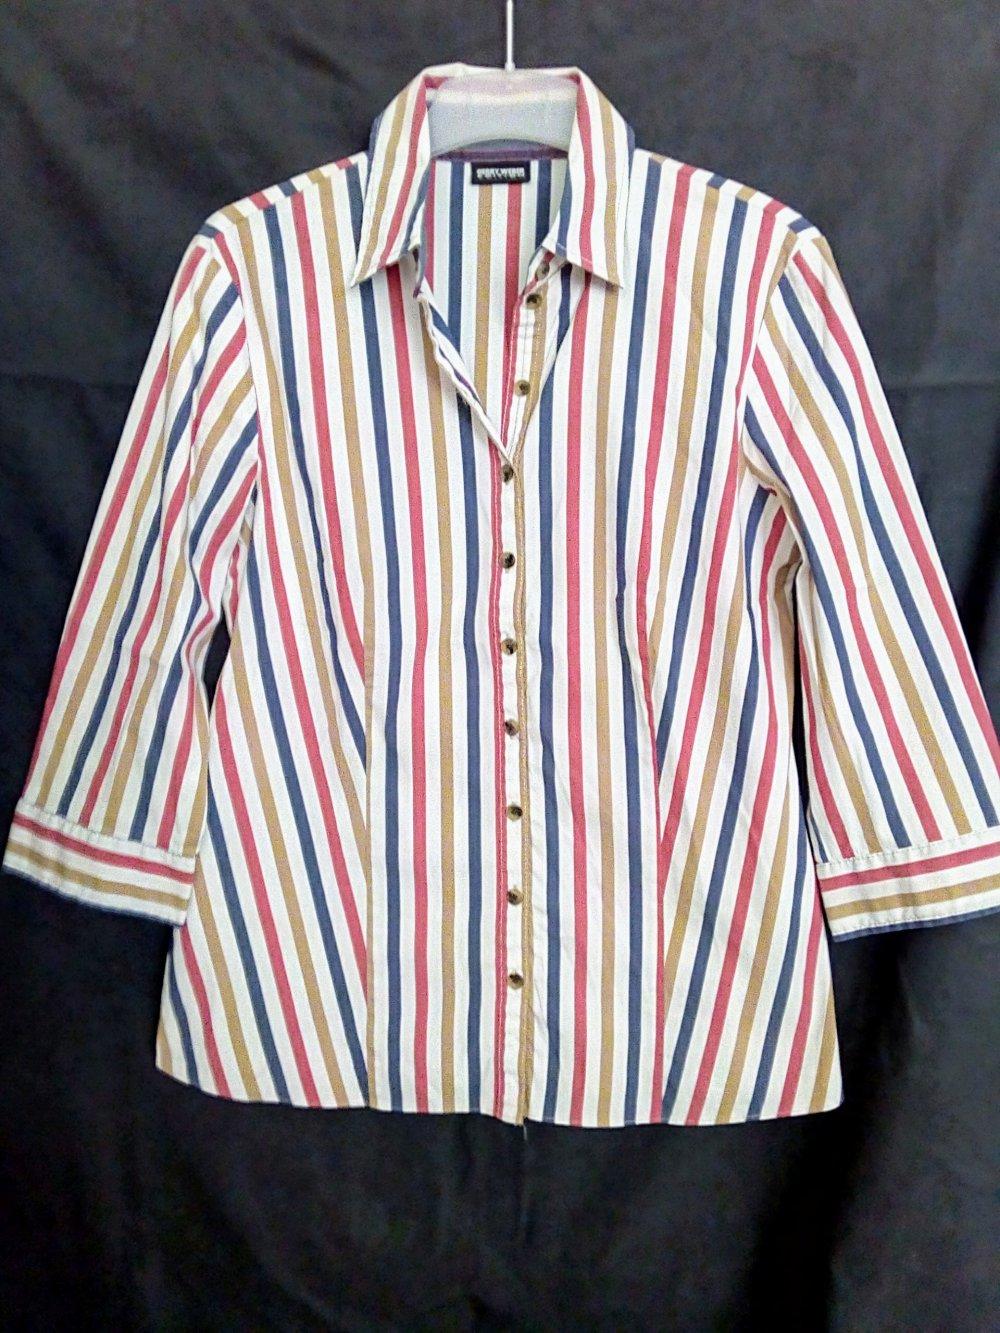 cheaper 5700a 382e0 Tolle Bluse mit Streifen von Gerry Weber